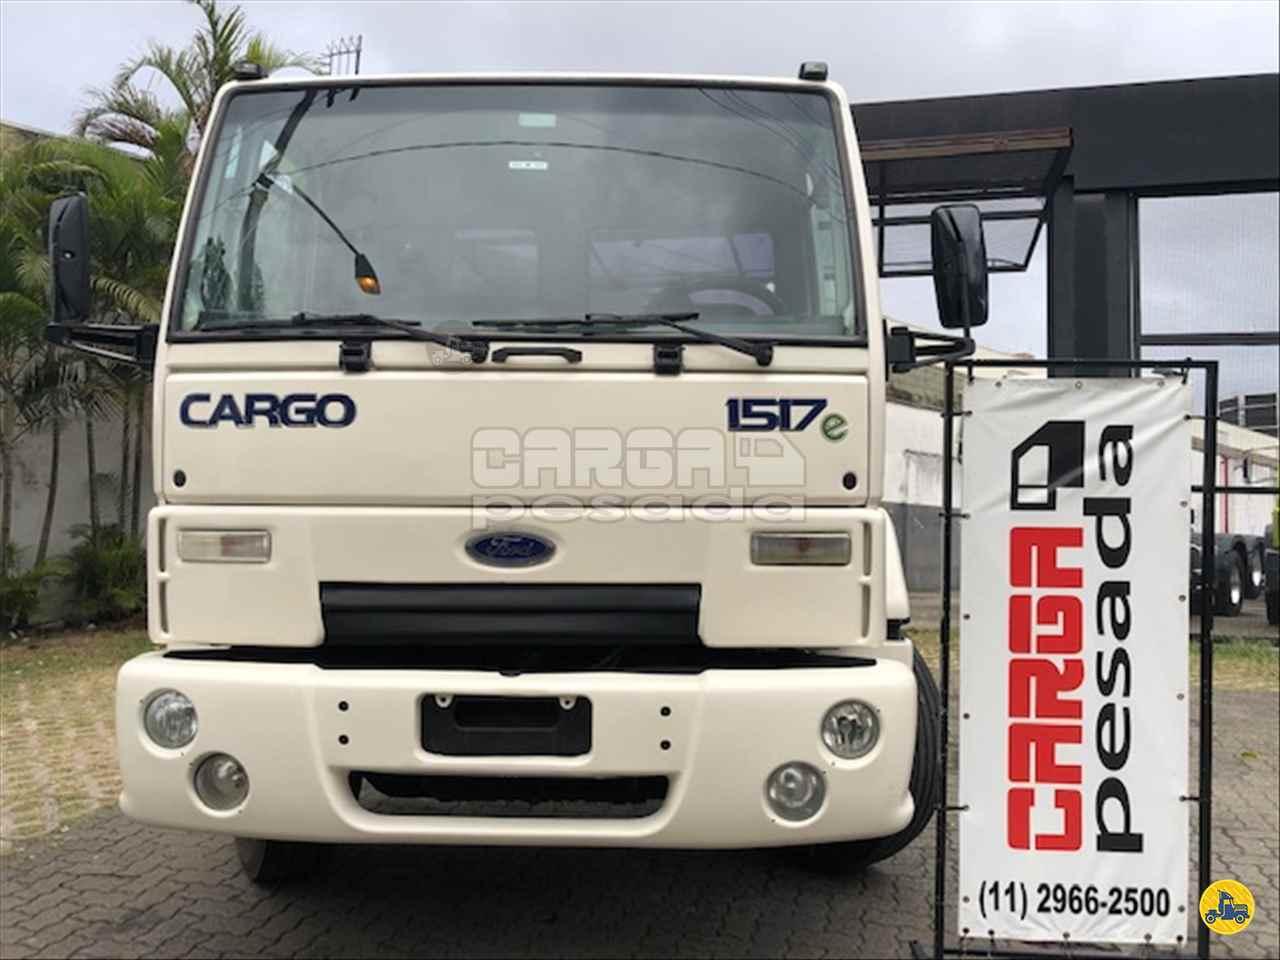 FORD CARGO 1517 277000km 2006/2006 Carga Pesada Caminhões